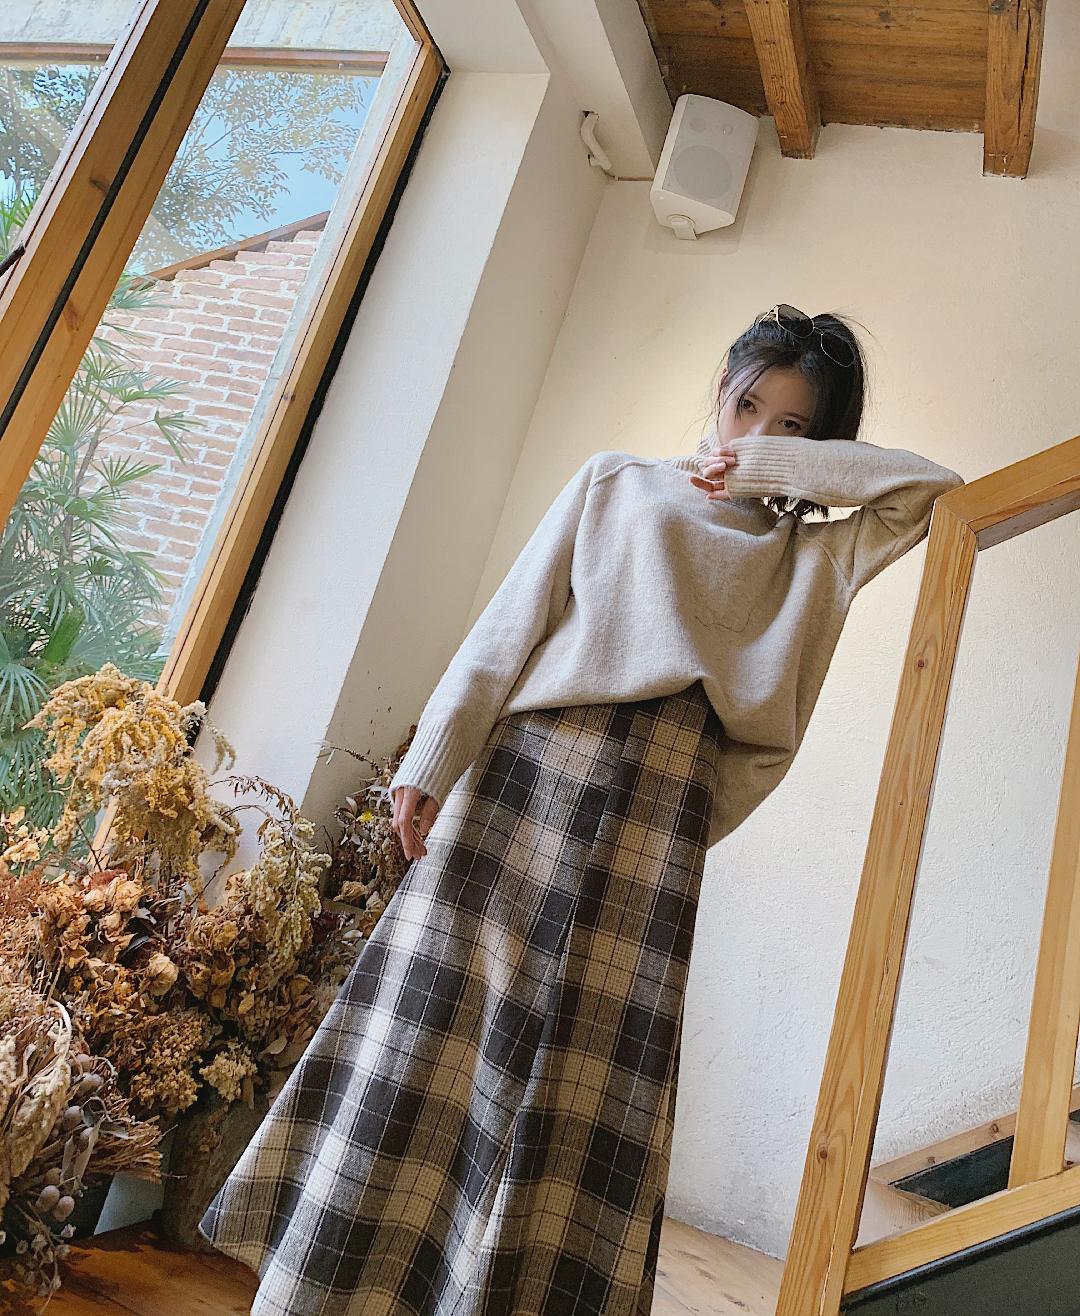 """今年特别喜欢杏色毛衣,#这么""""土""""的颜色撑起秋冬时髦感#,我一般不把高领翻折下来,感觉竖着好看一点还很保暖脖子呢把毛衣塞一点进裙子里是不是感觉加分不少呢。 我搭配了一条卡其色的格子半身开叉毛呢长裙 鞋子我穿了一双平底的毛绒豆豆鞋,宝宝们也可以搭配高跟鞋呢,这一身真的很显高哦"""